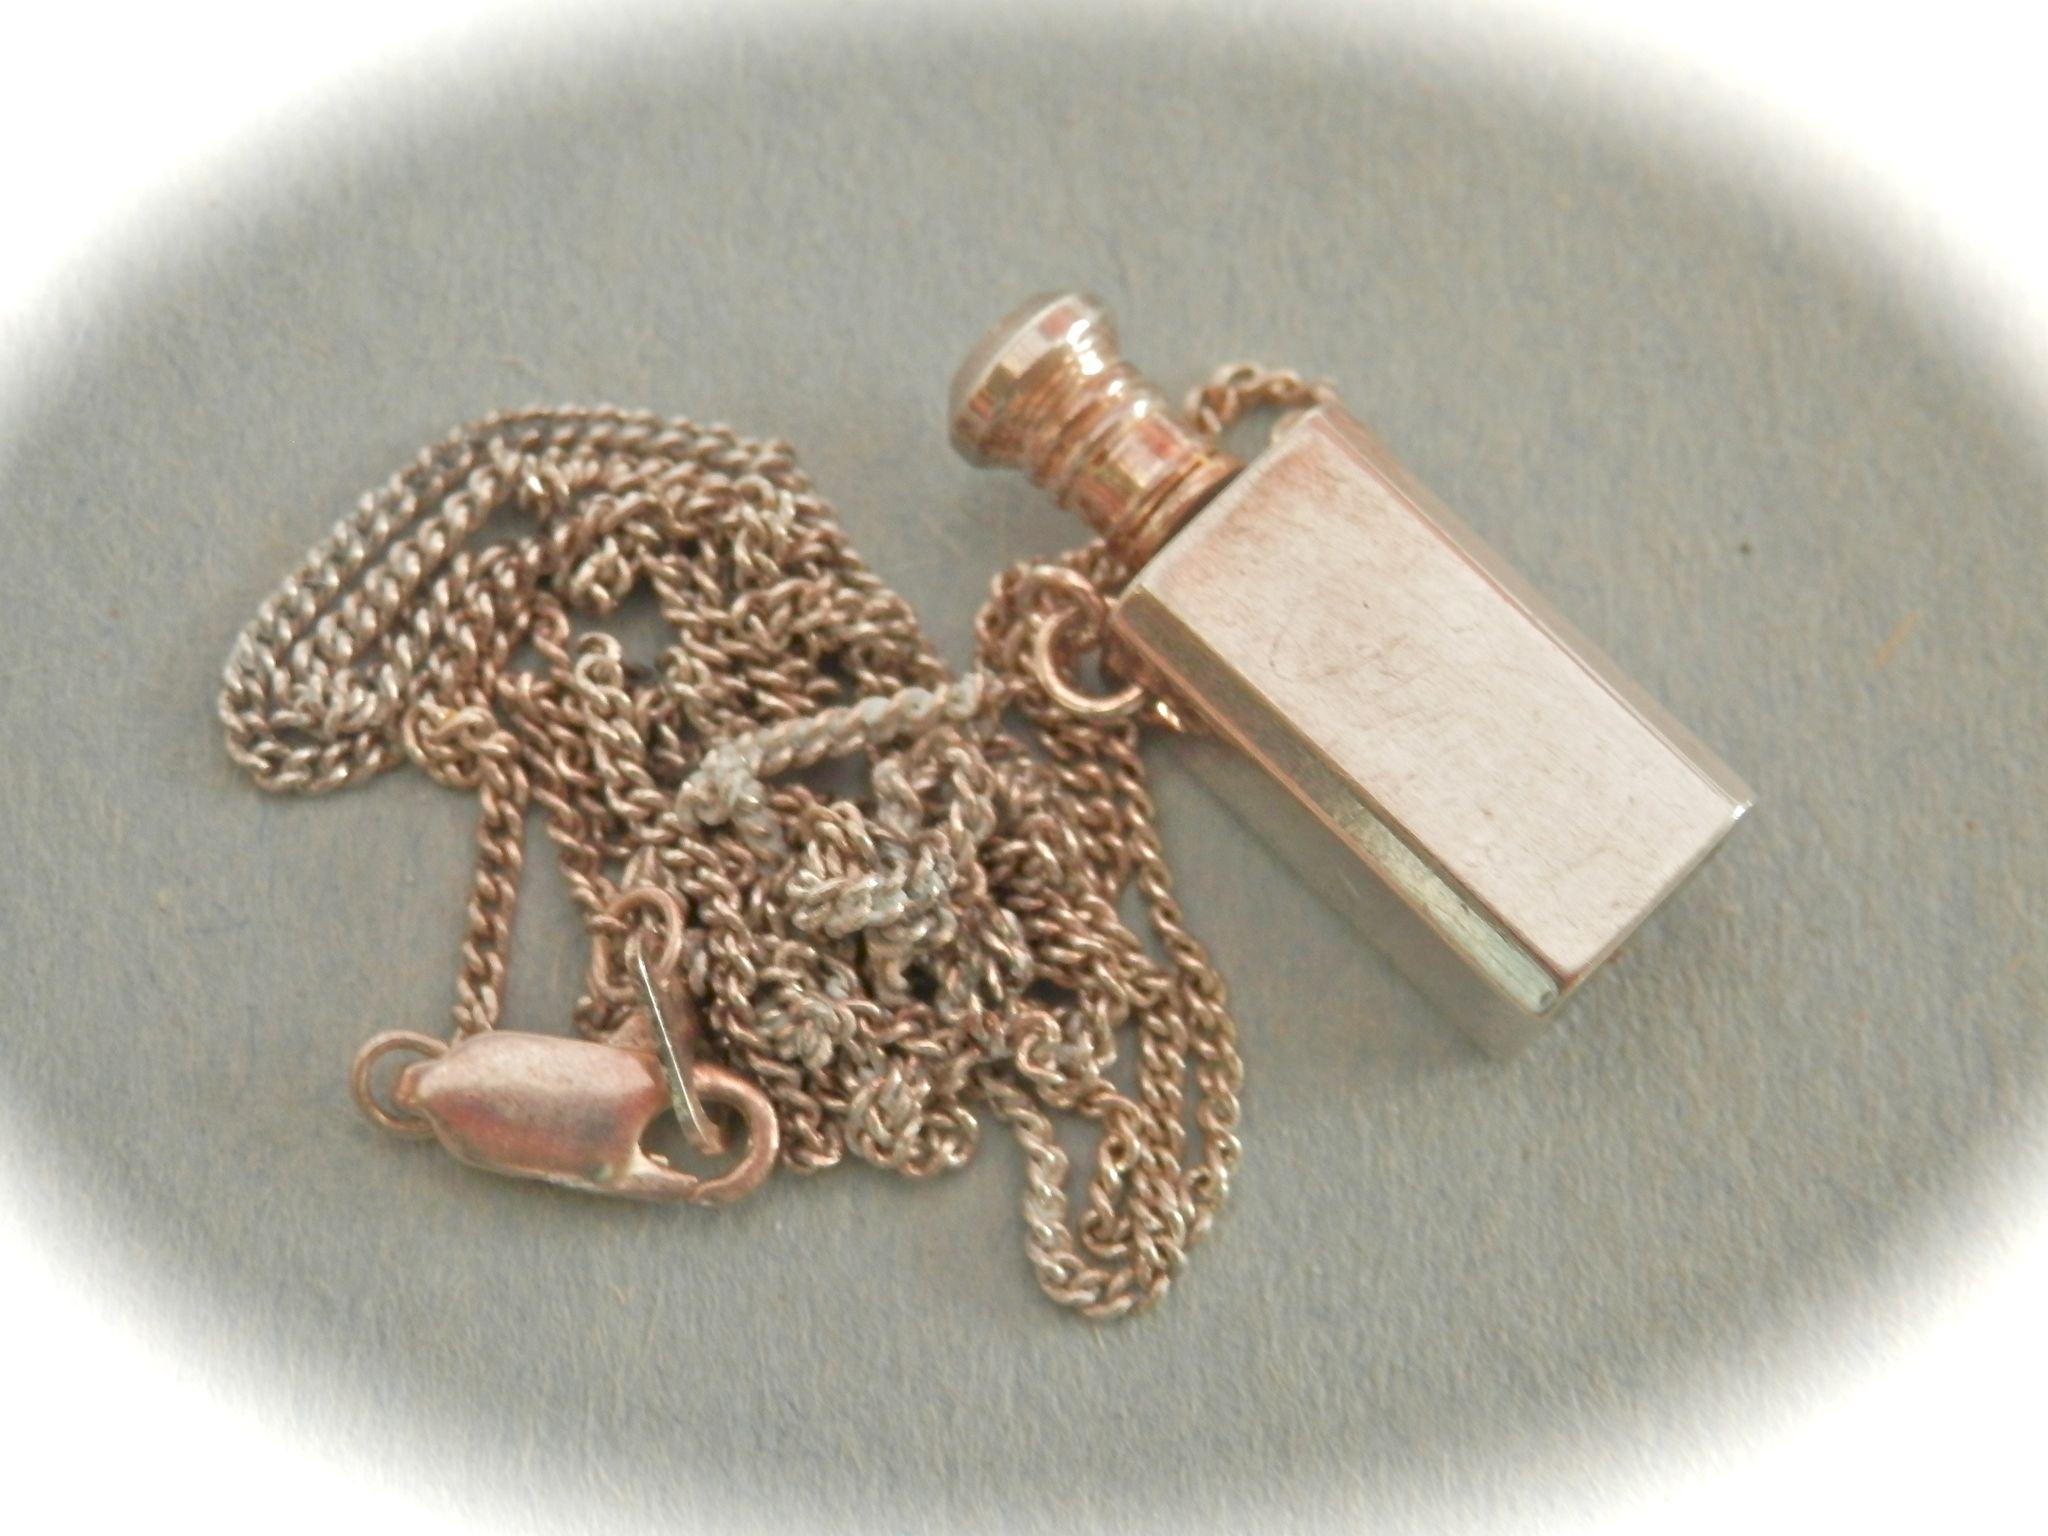 Miniature Vintage Sterling Scent Bottle Necklace